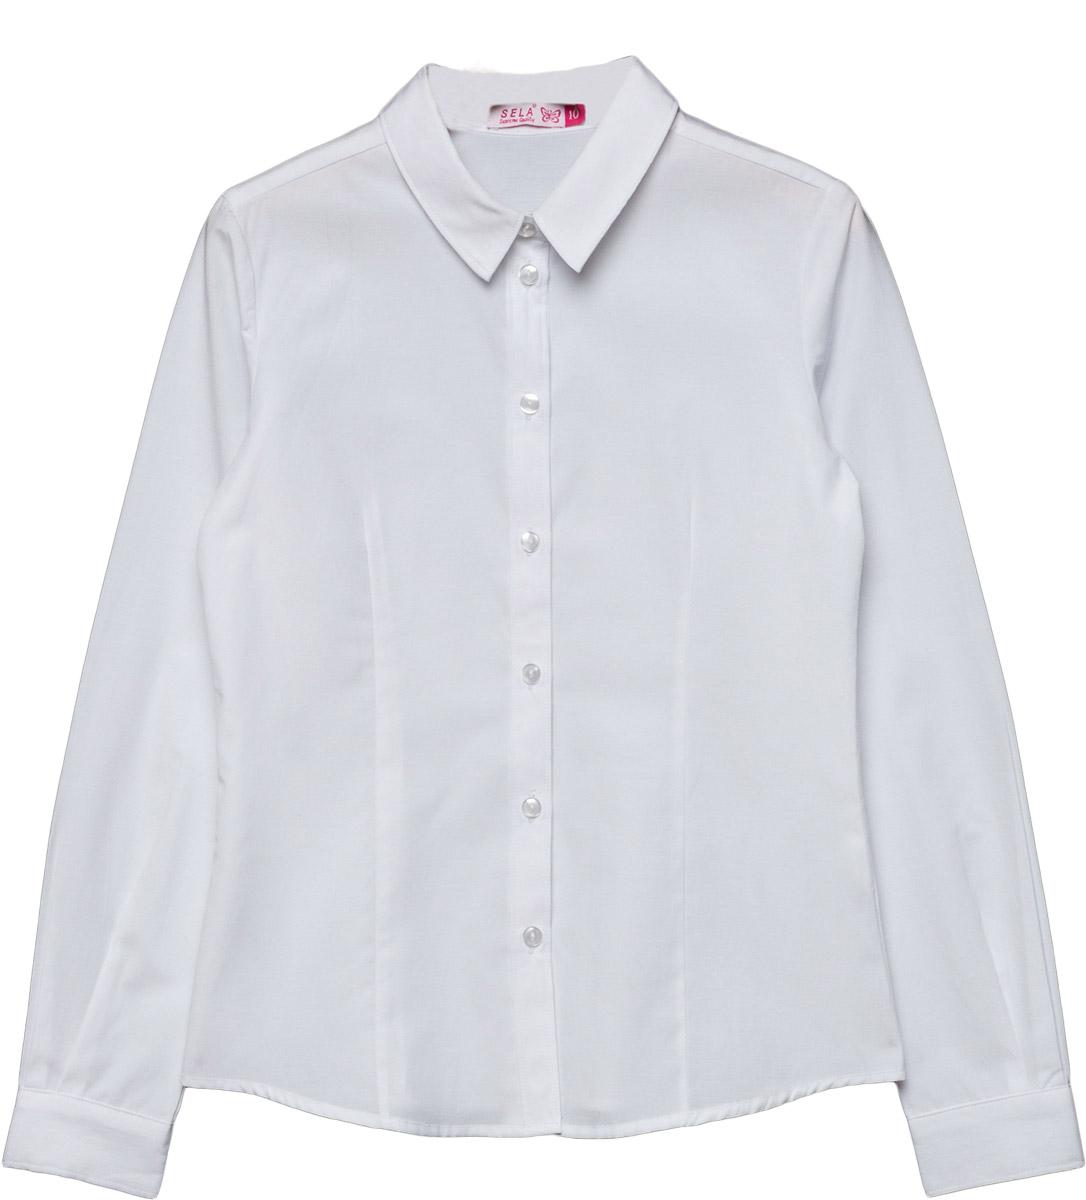 Блузка для девочки Sela, цвет: белый. B-612/866-7320. Размер 122, 7 летB-612/866-7320Классическая блузка Sela выполнена из высококачественного материала. Модель приталенного силуэта с длинными рукавами застегивается на пуговицы. Манжеты застегиваются на пуговицы.